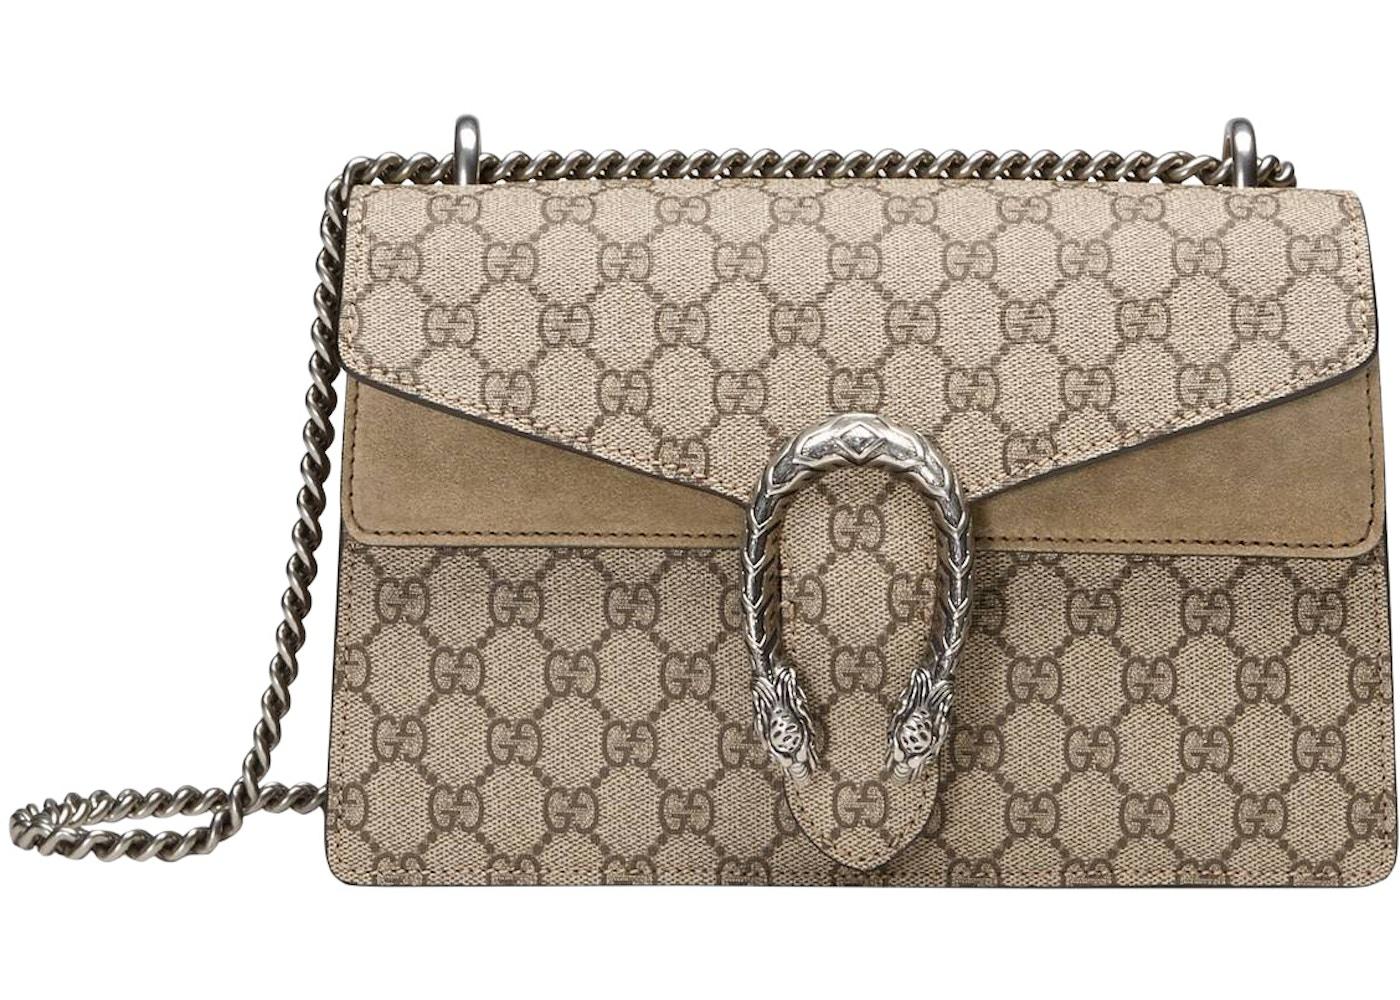 be76a9bc989 Buy & Sell Gucci Dionysus Handbags